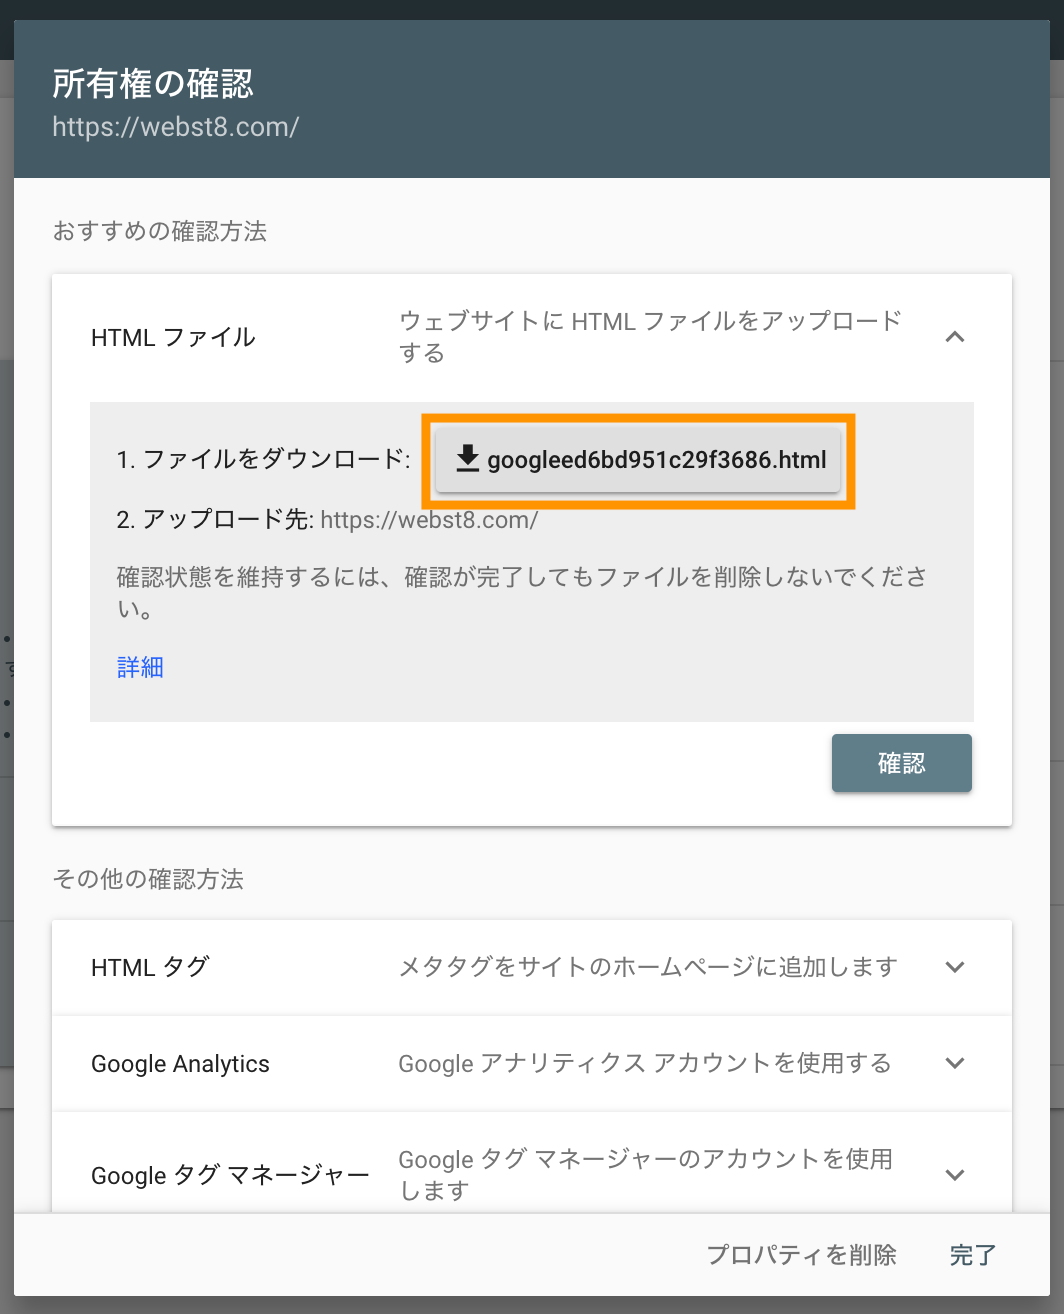 所有権の確認。HTMLファイルによる認証